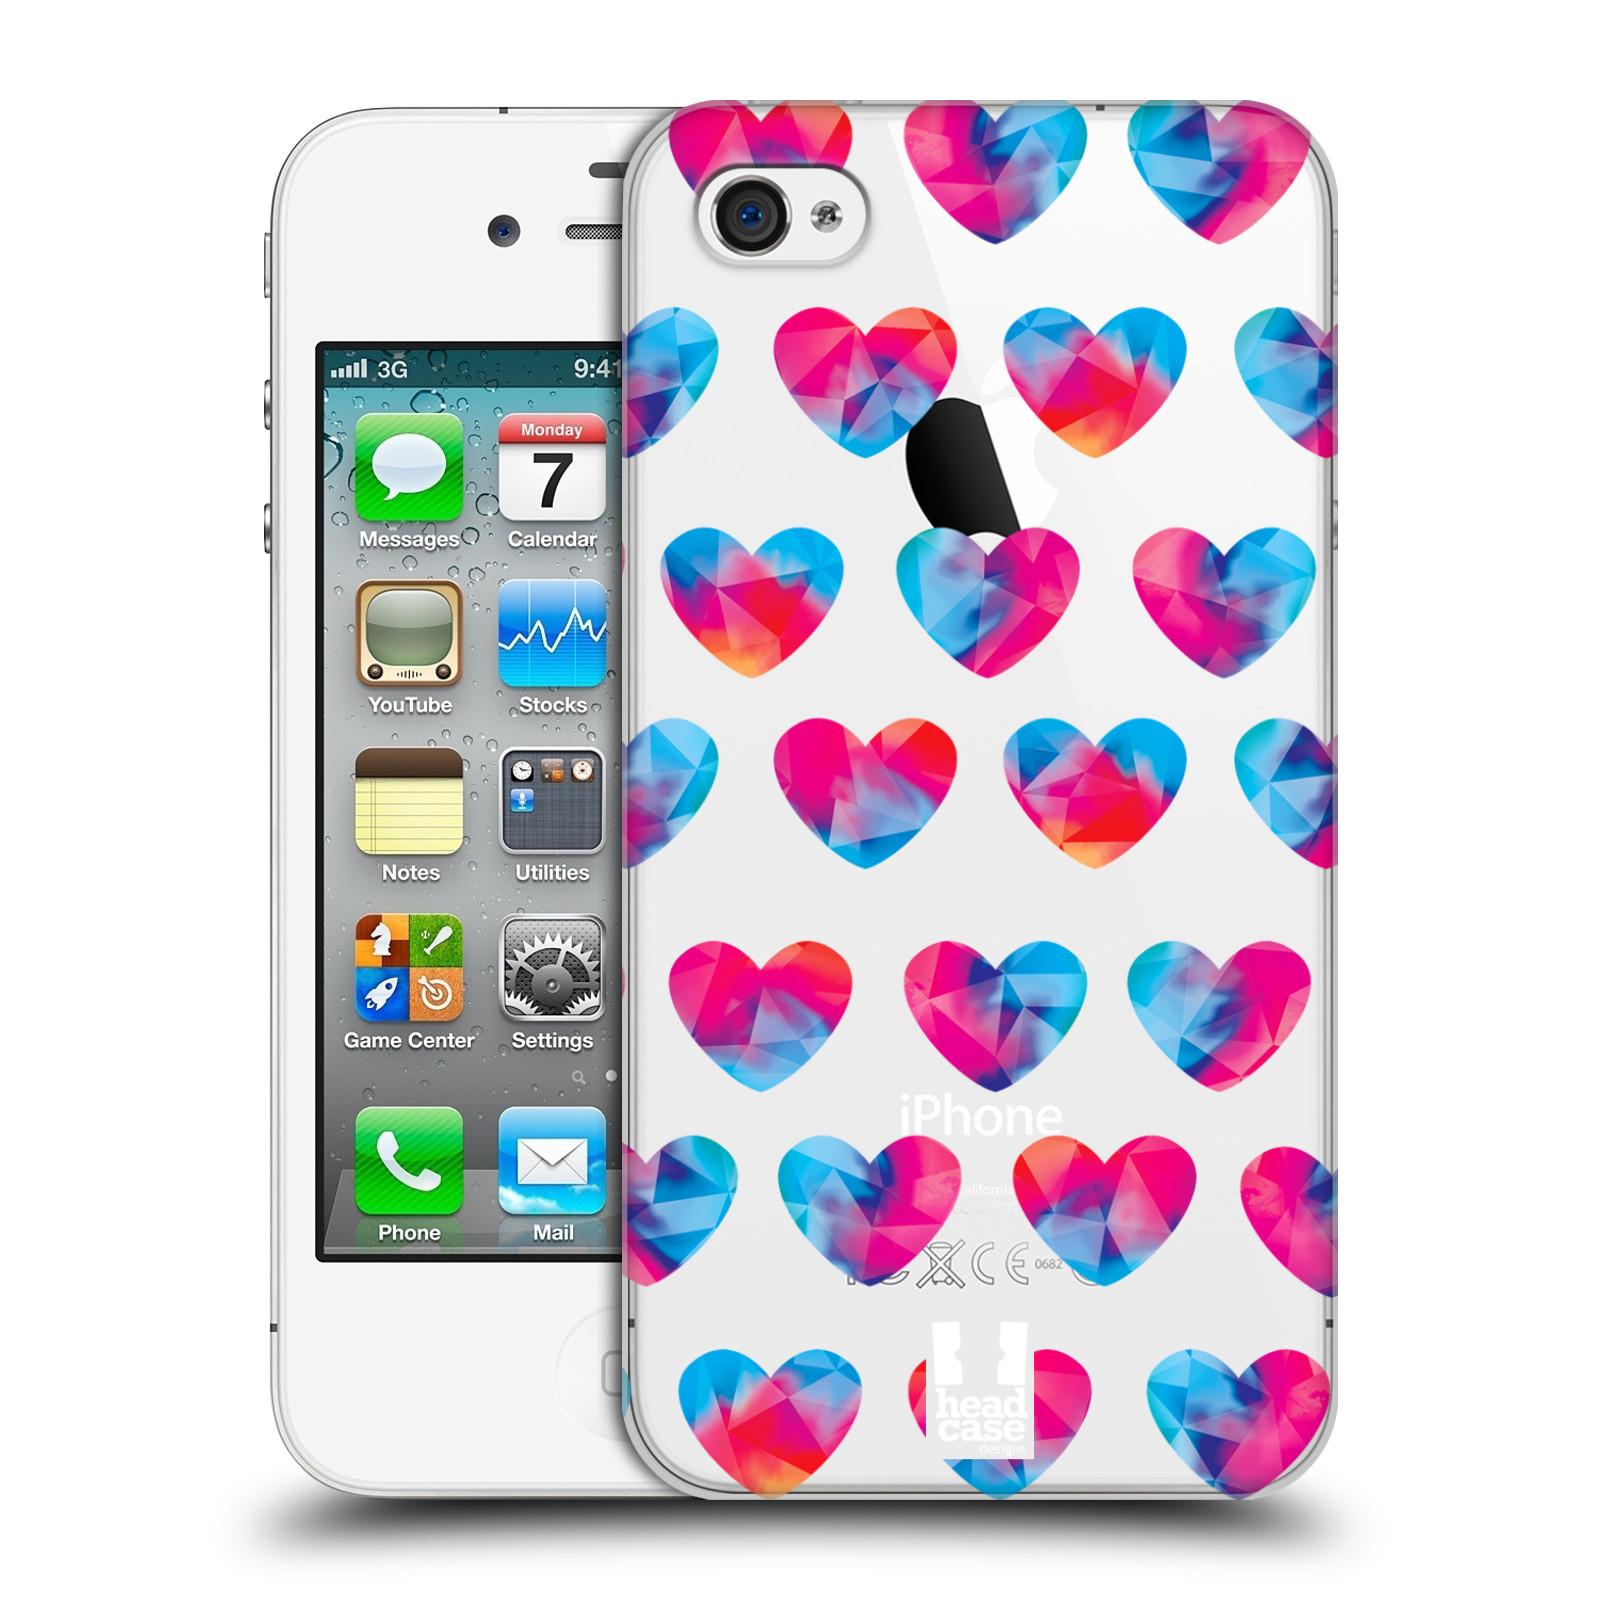 Plastové pouzdro na mobil Apple iPhone 4 a 4S - Head Case - Srdíčka hrající barvami